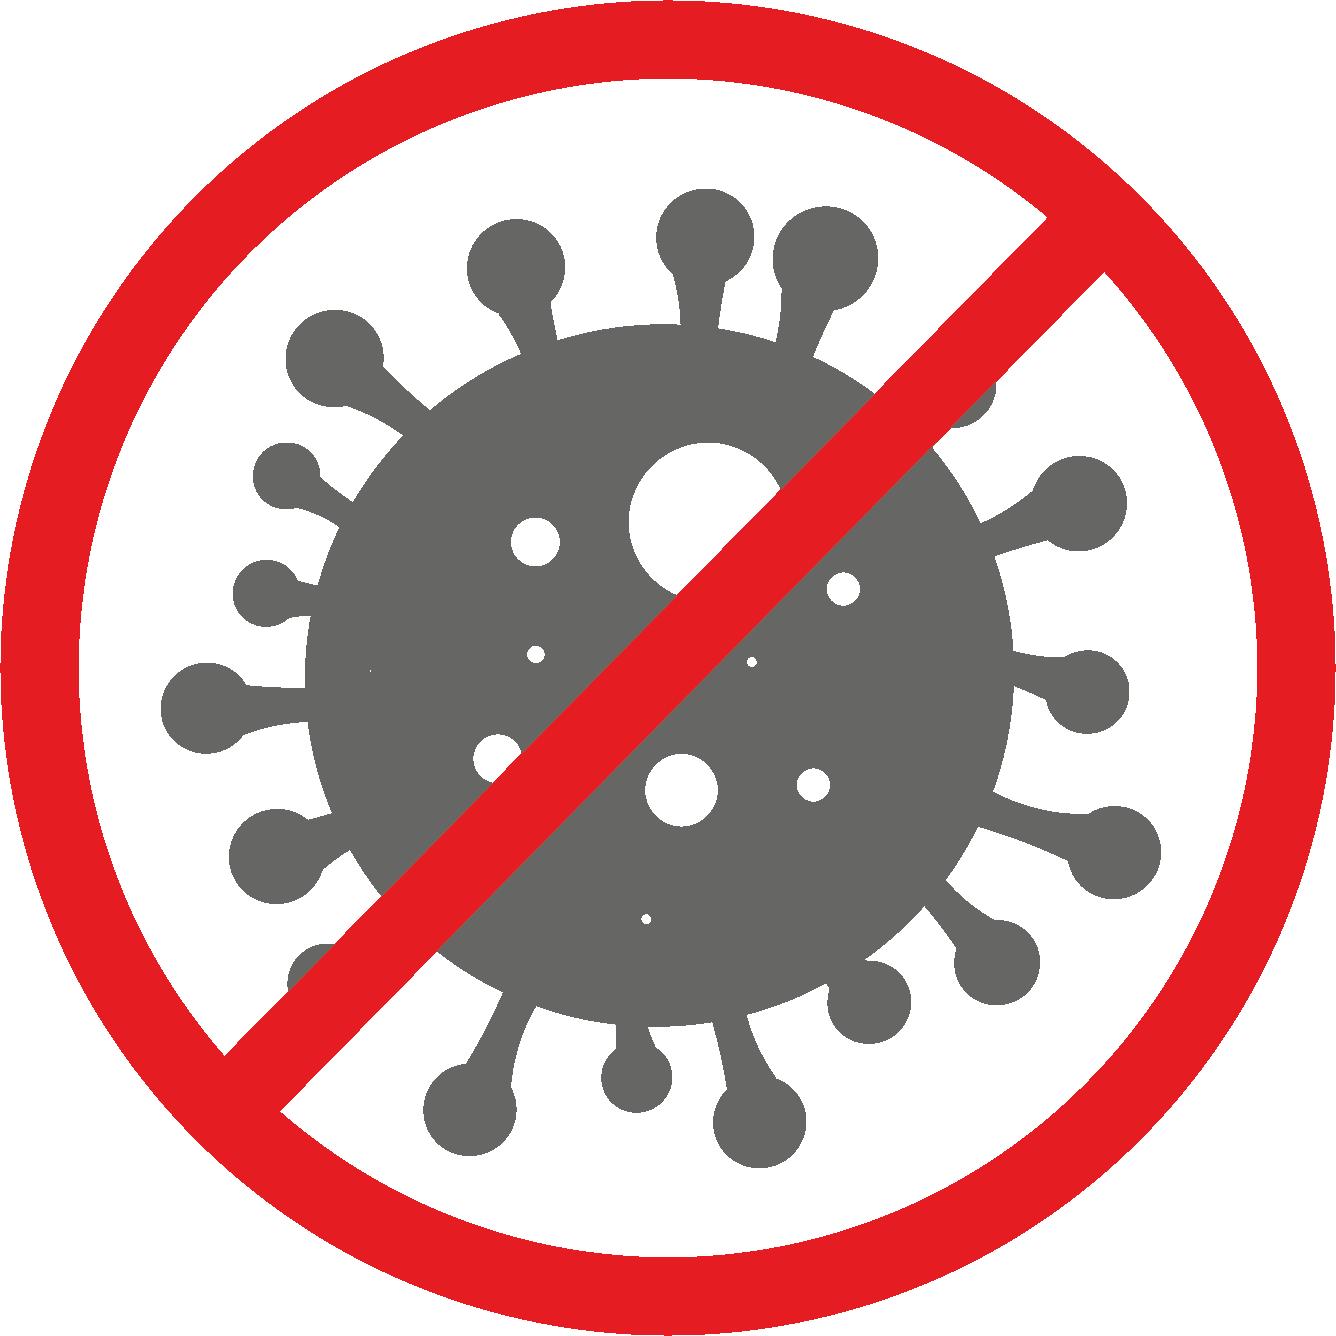 Coronavirus (Covid 19) png